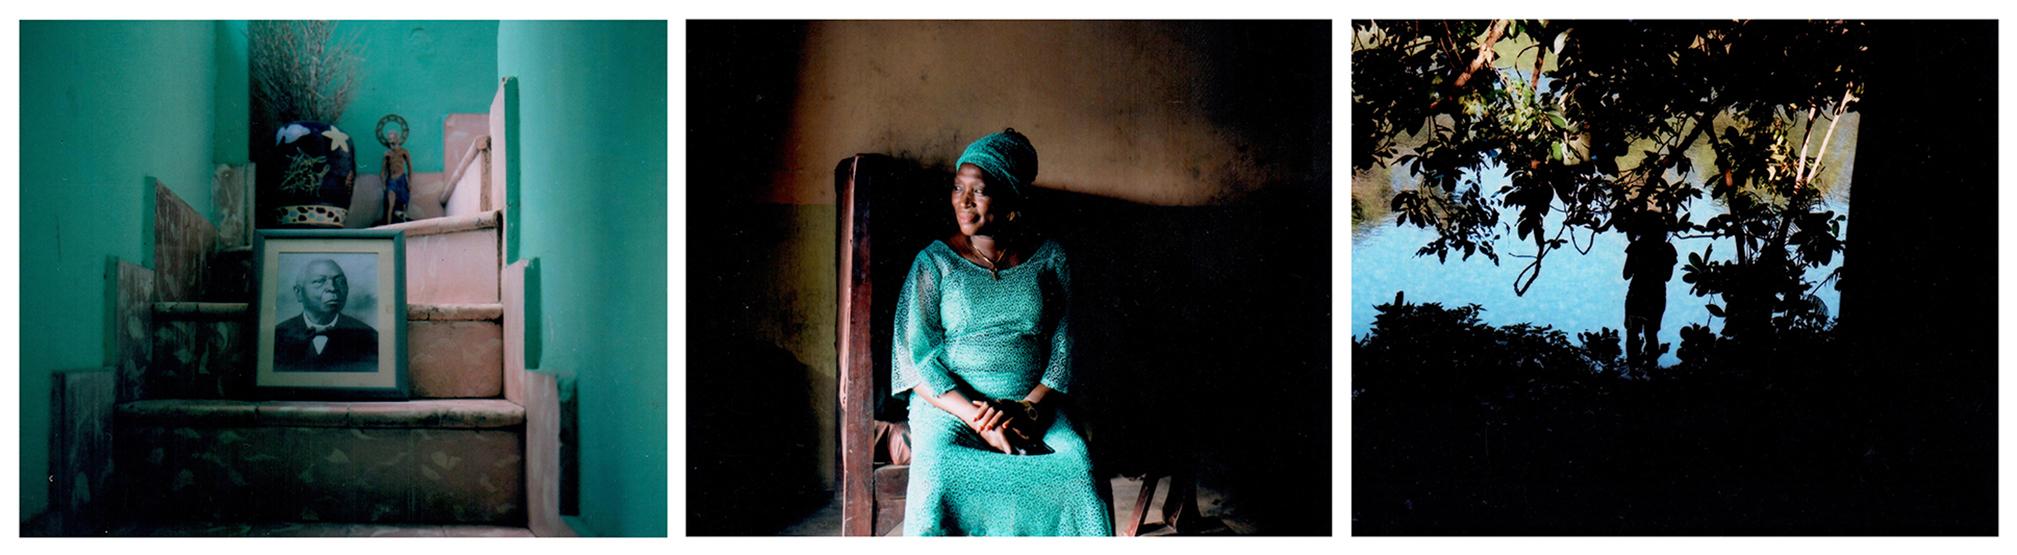 Cette photo d'archive de Remigio Herrera siège au domicile du conservateur du musée de Regla, Juan Lozano Gomes. Herrera, un esclave libéré, fut un pionnier dans la diffusion de la religion Ifa à Cuba. A leur arrivée, les Africains mis en esclavage devaient prendre le nom de leur 'propriétaire'. Ils étaient aussi tenus d'oublier leur Dieu et leurs divinités et de pratiquer le catholicisme. La Havane, Cuba, avril 2019. © Laeïla Adjovi // « Omi, soore fun mi », est une prière à l'eau qui accompagne Sidikat Lawal dans tout ce qu'elle fait. Les langues Yoruba et Fon sont encore aujourd'hui présentes à Cuba, dans de nombreux rites religieux d'ascendance africaine. Abeokuta, Nigéria, juillet 2019© Laeïla Adjovi // Une adepte de Yemaya fait une prière à l'eau près d'une rivière qui traverse la capitale cubaine. La Havane, Cuba, avril 2019. © Laeïla Adjovi